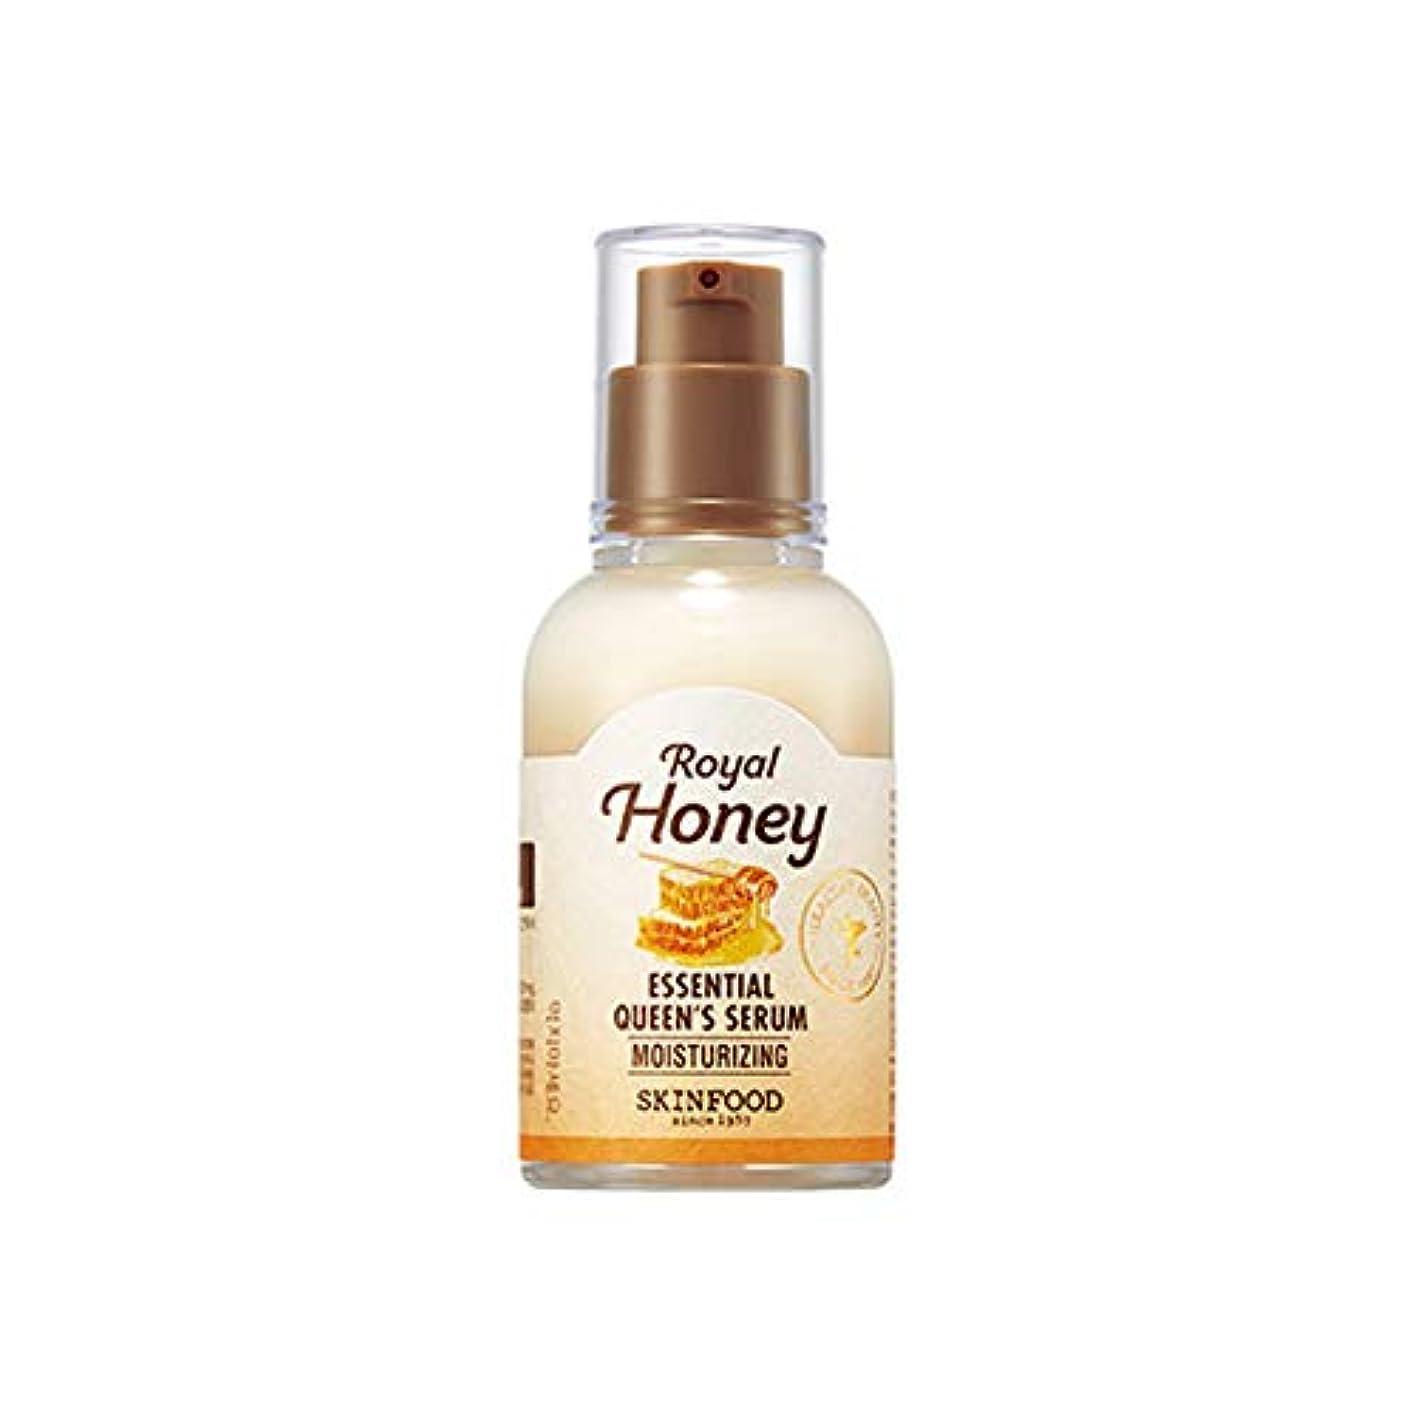 でる代数ブランド名Skinfood Royal Honey Essential Queen's Serum/ロイヤルハニーエッセンシャルオイルクイーンズ血清/50ml [並行輸入品]